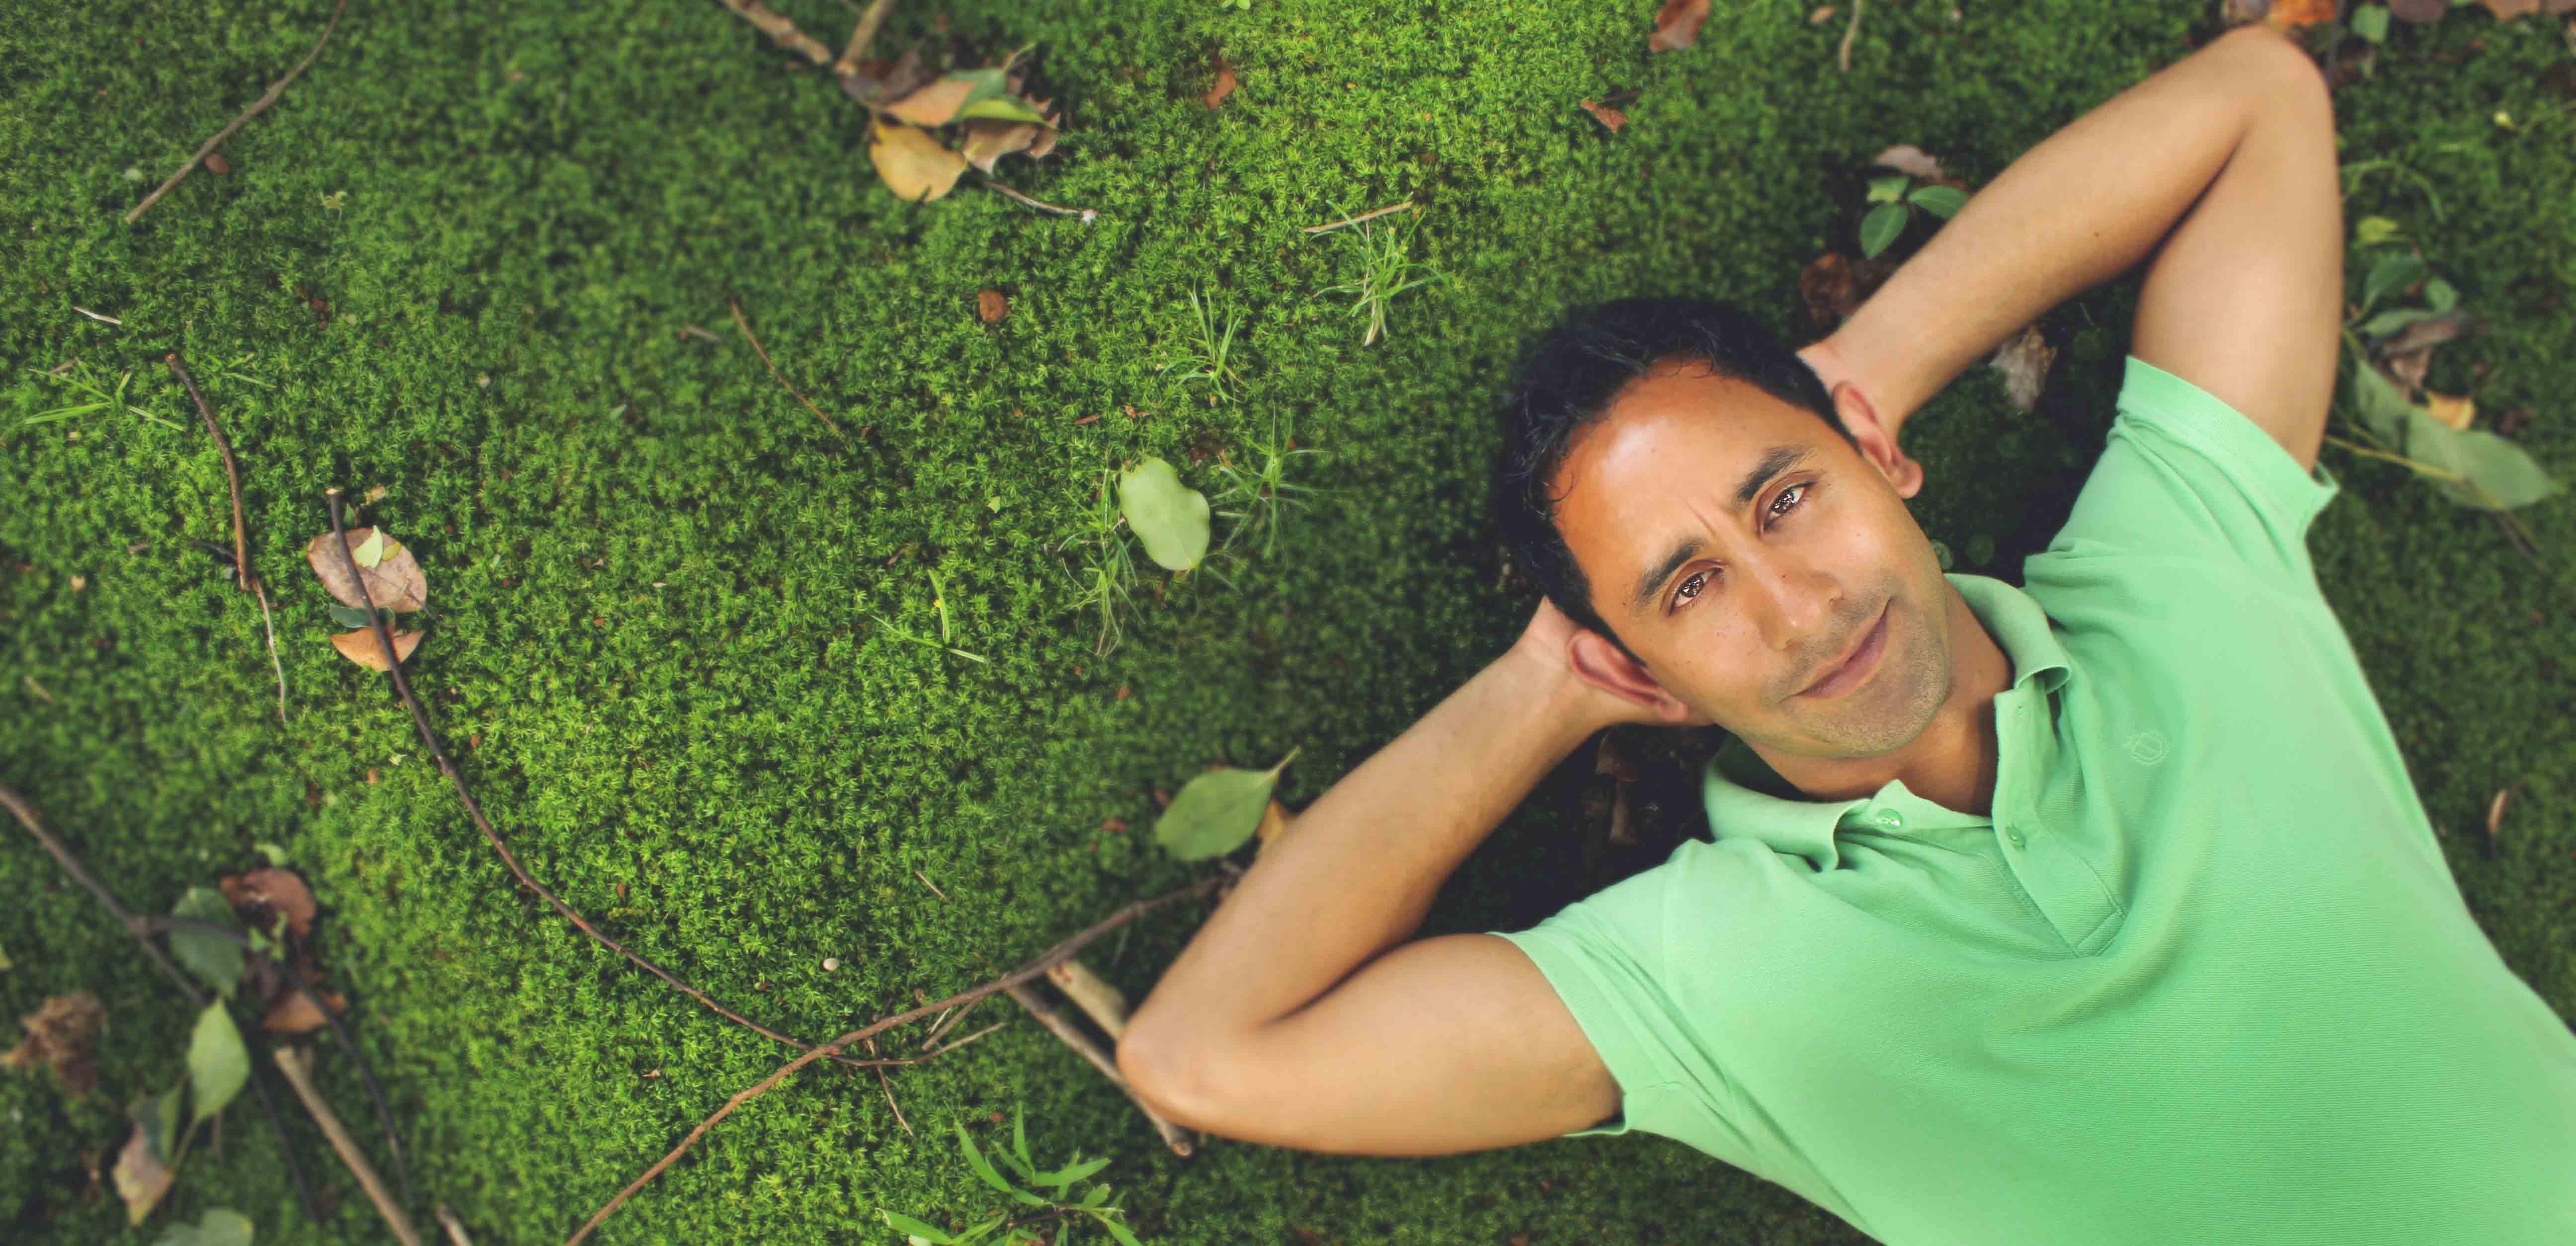 SMP-portrait-guy-home